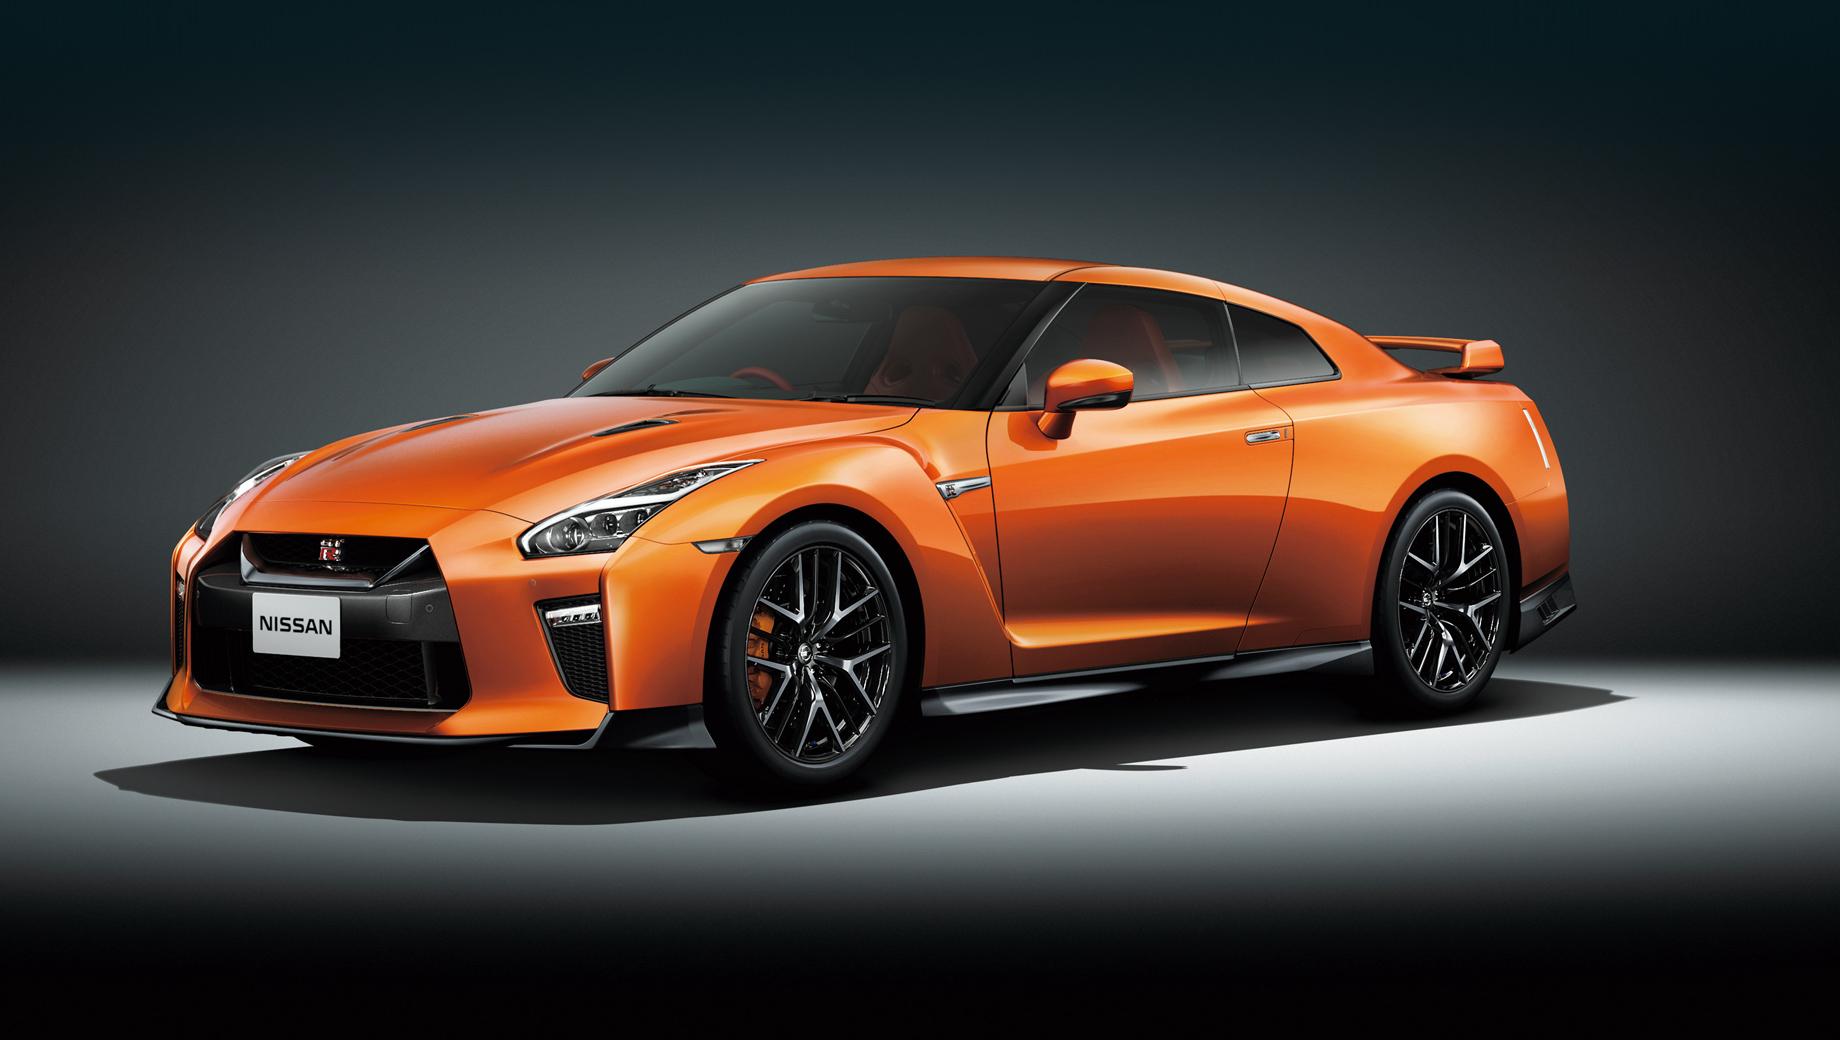 Преображённый Nissan GT-R станет умеренным гибридом